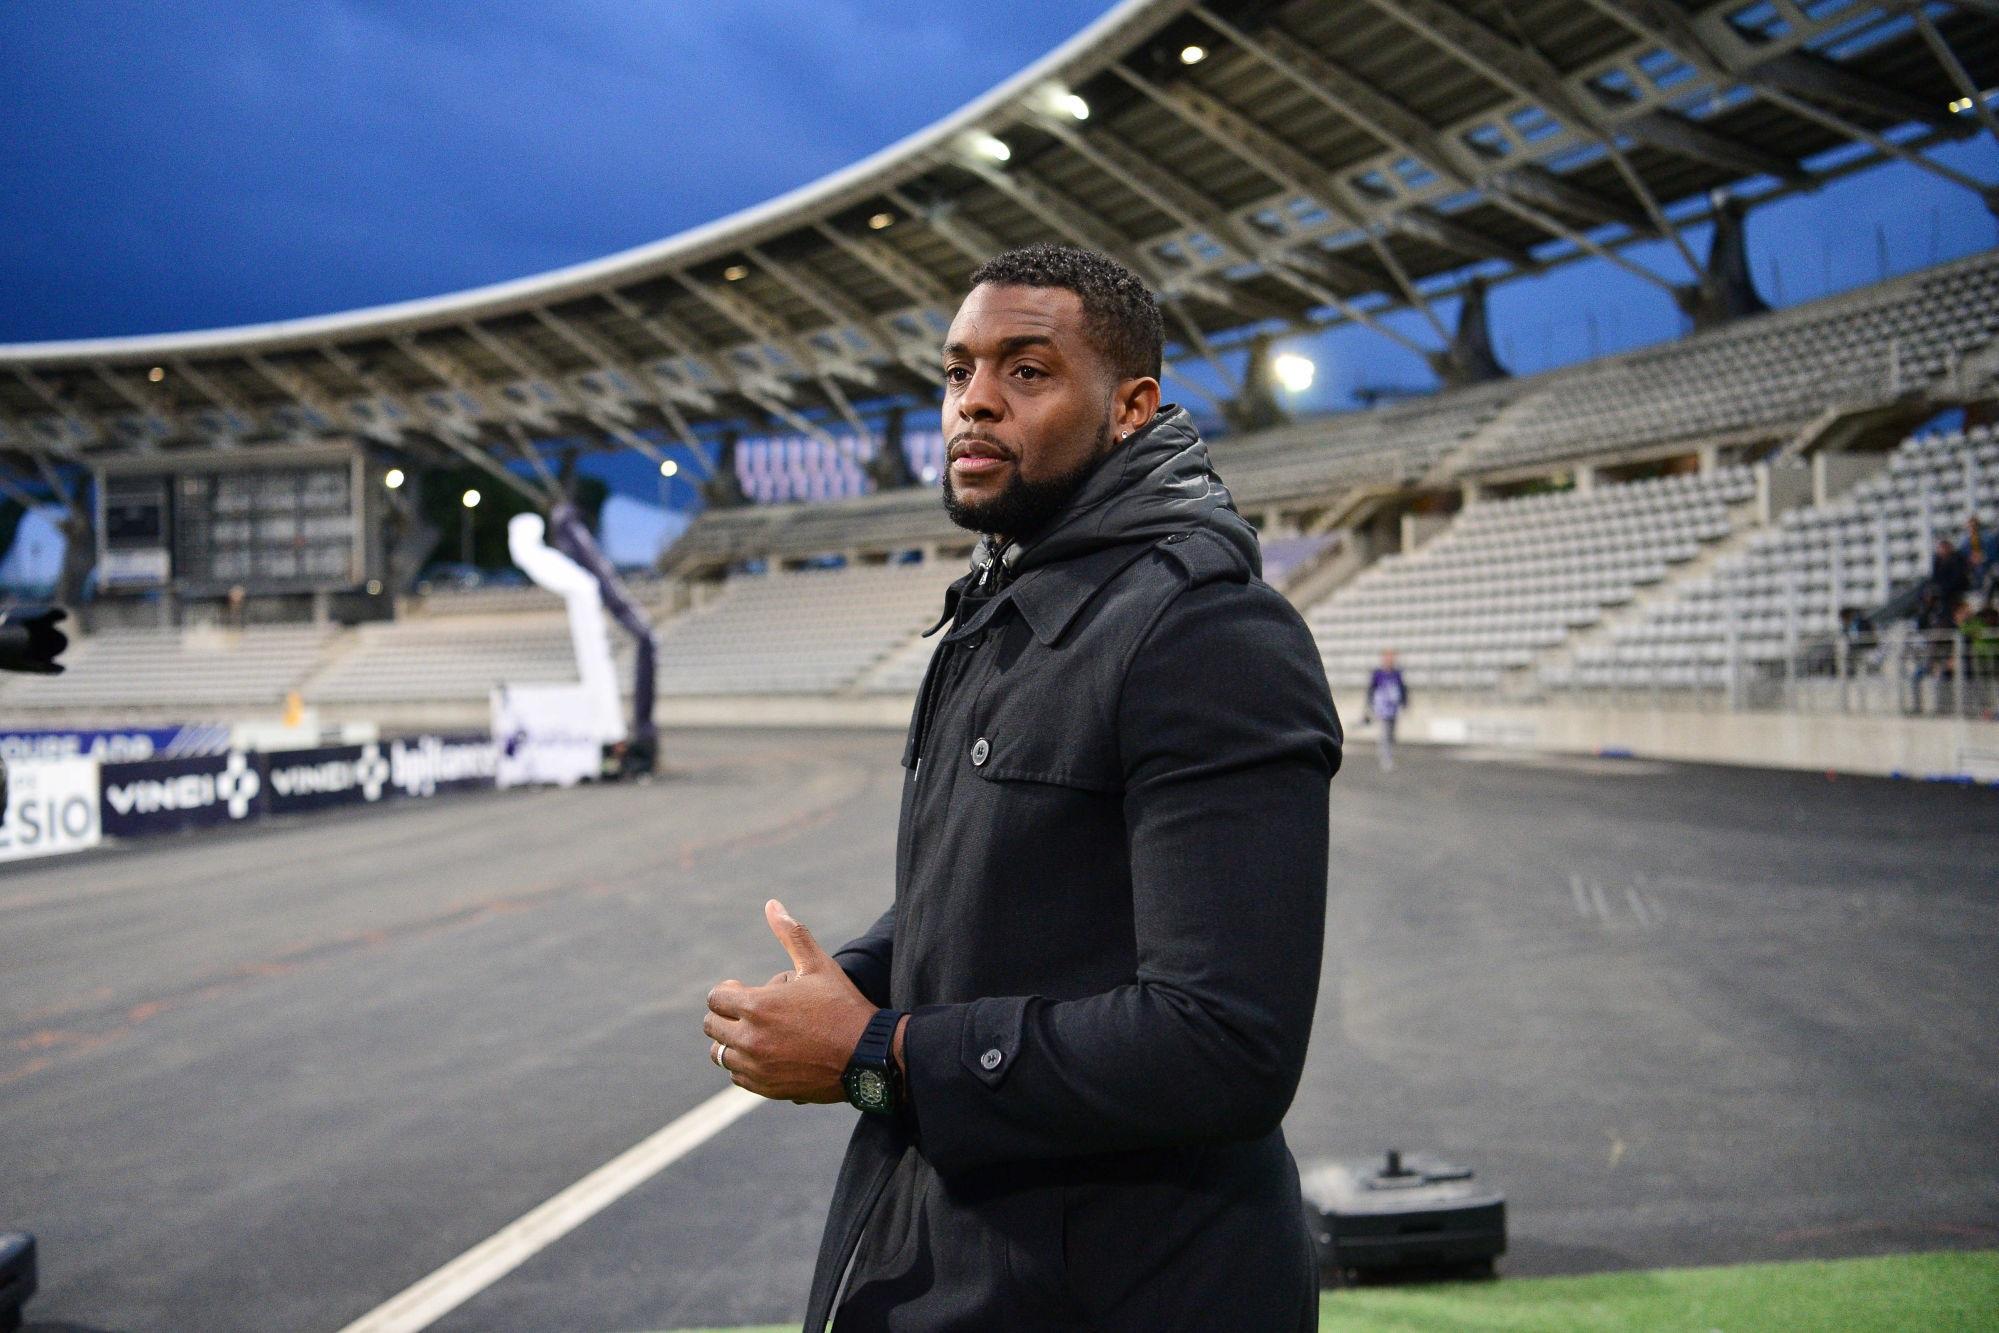 """Mbappé """"devrait épurer son jeu"""", lui conseille Piquionne"""